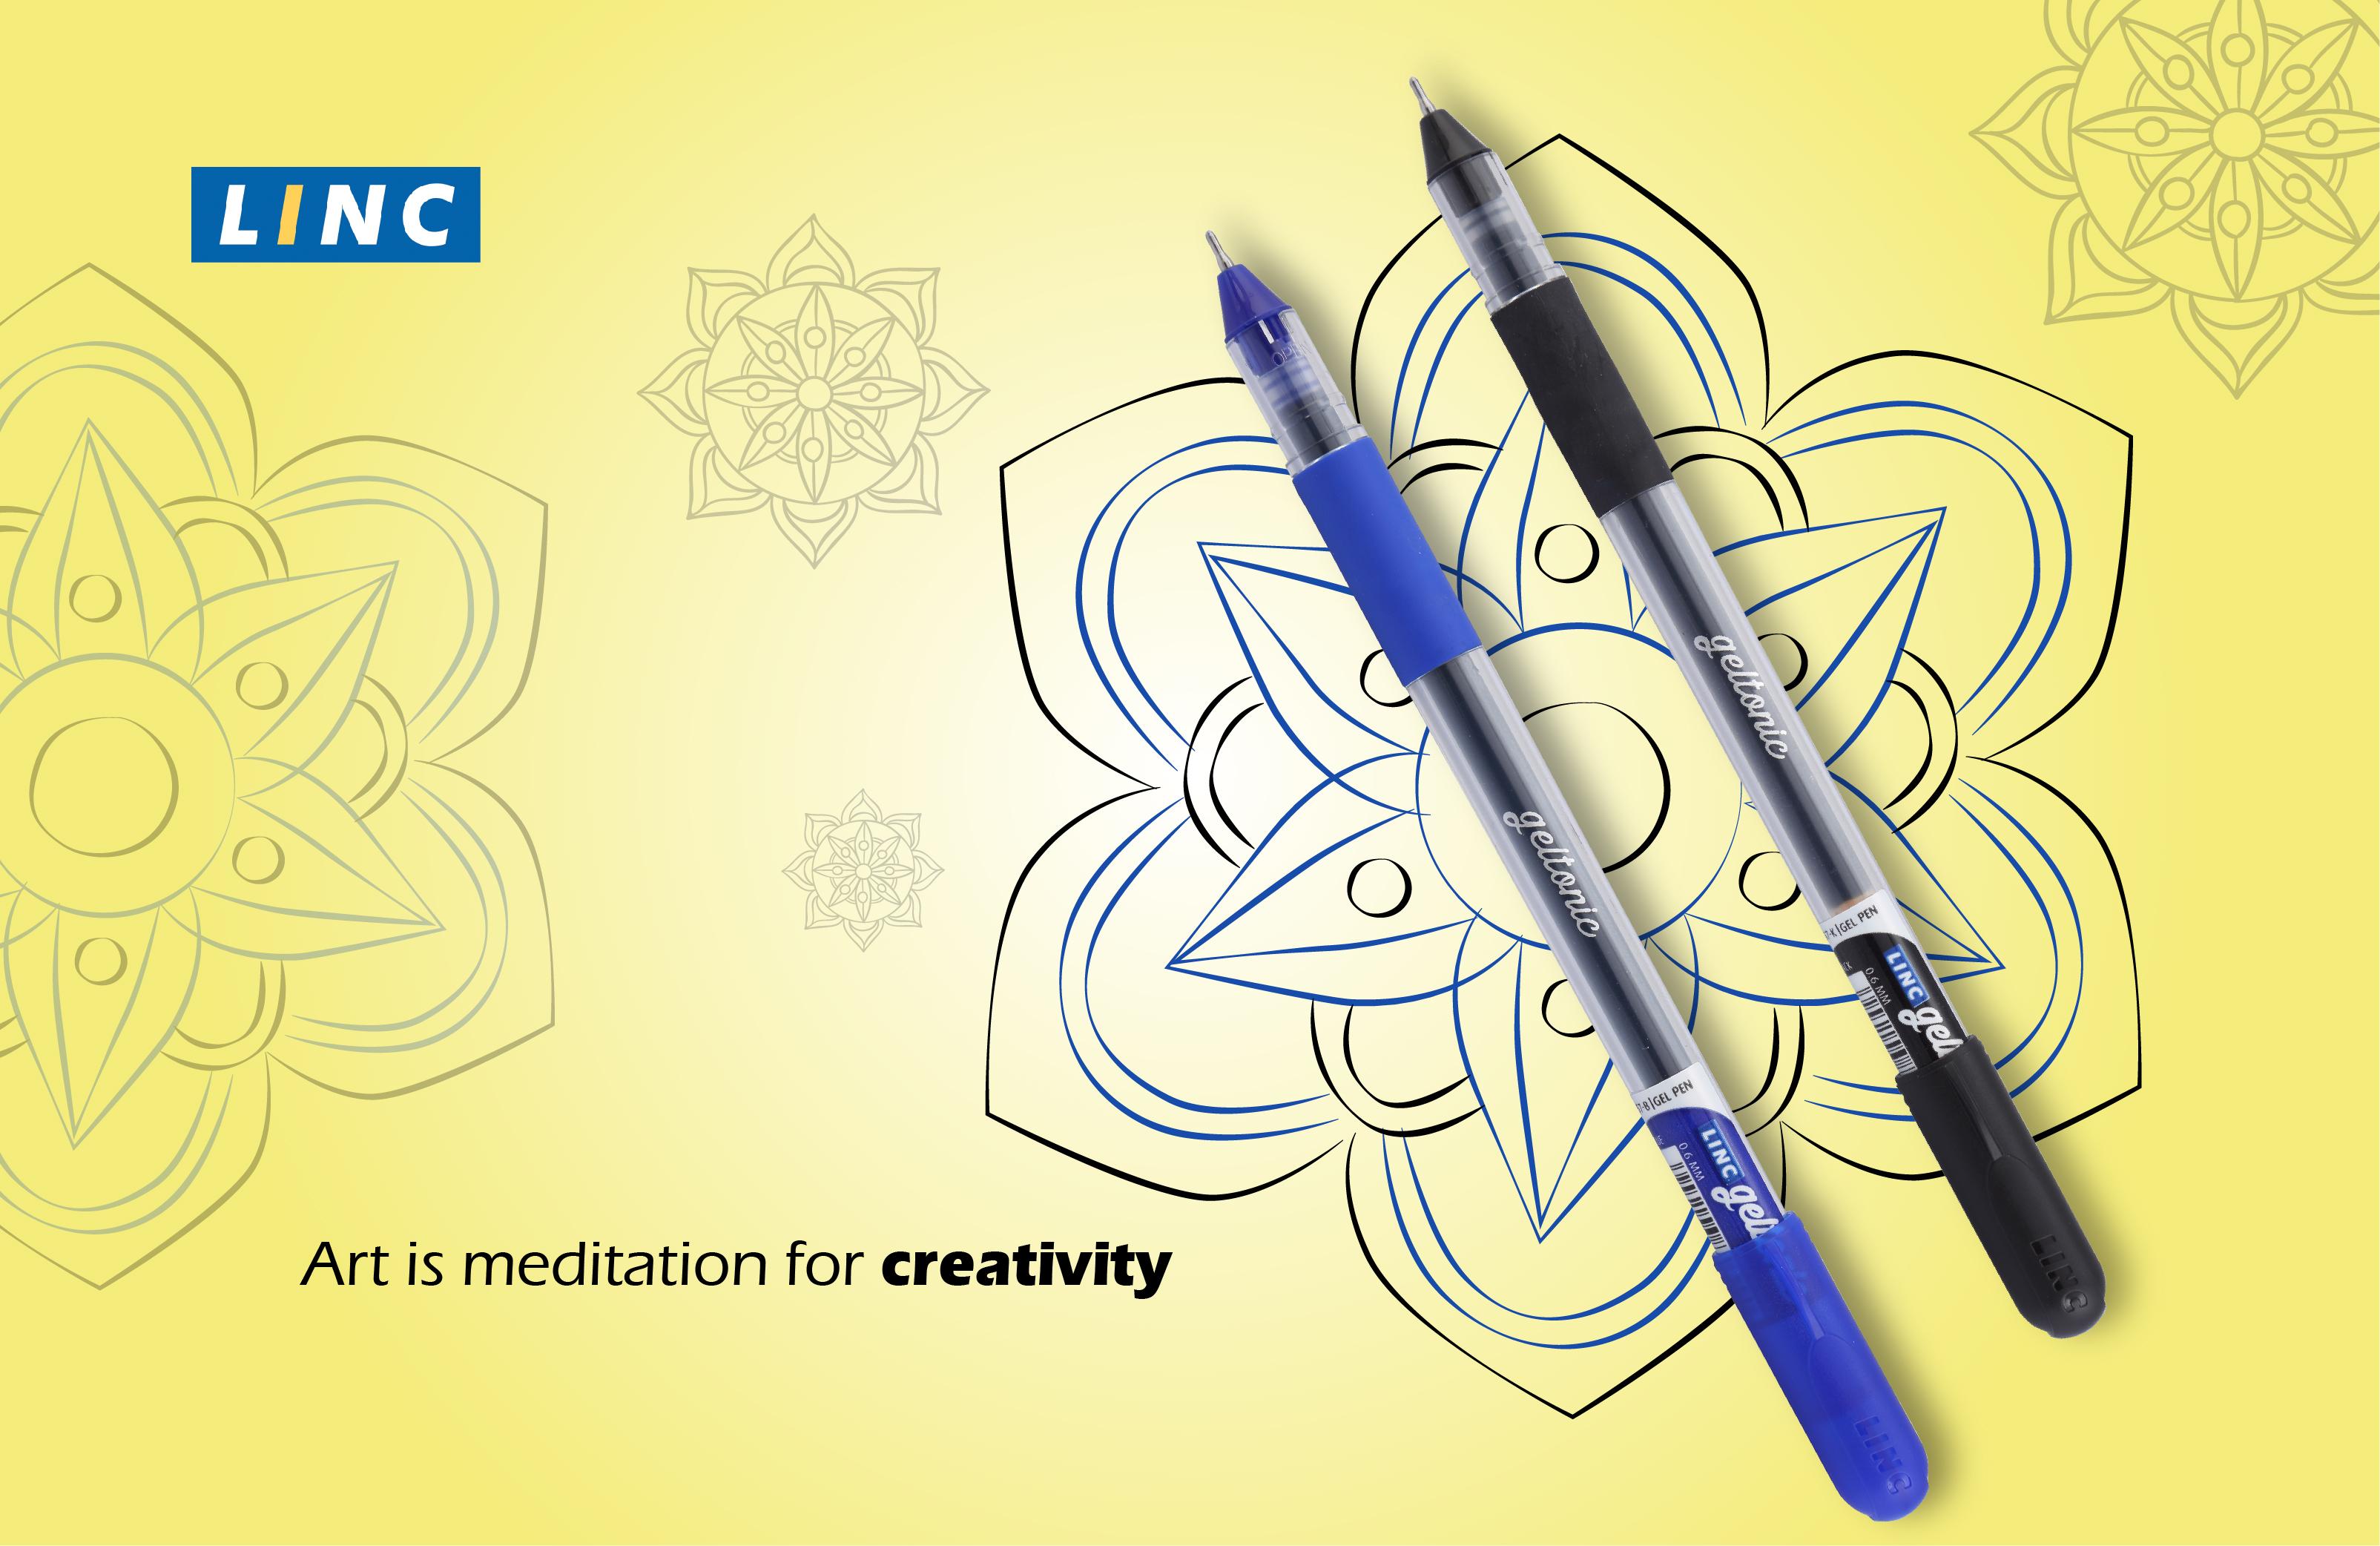 Linc pen Mandala